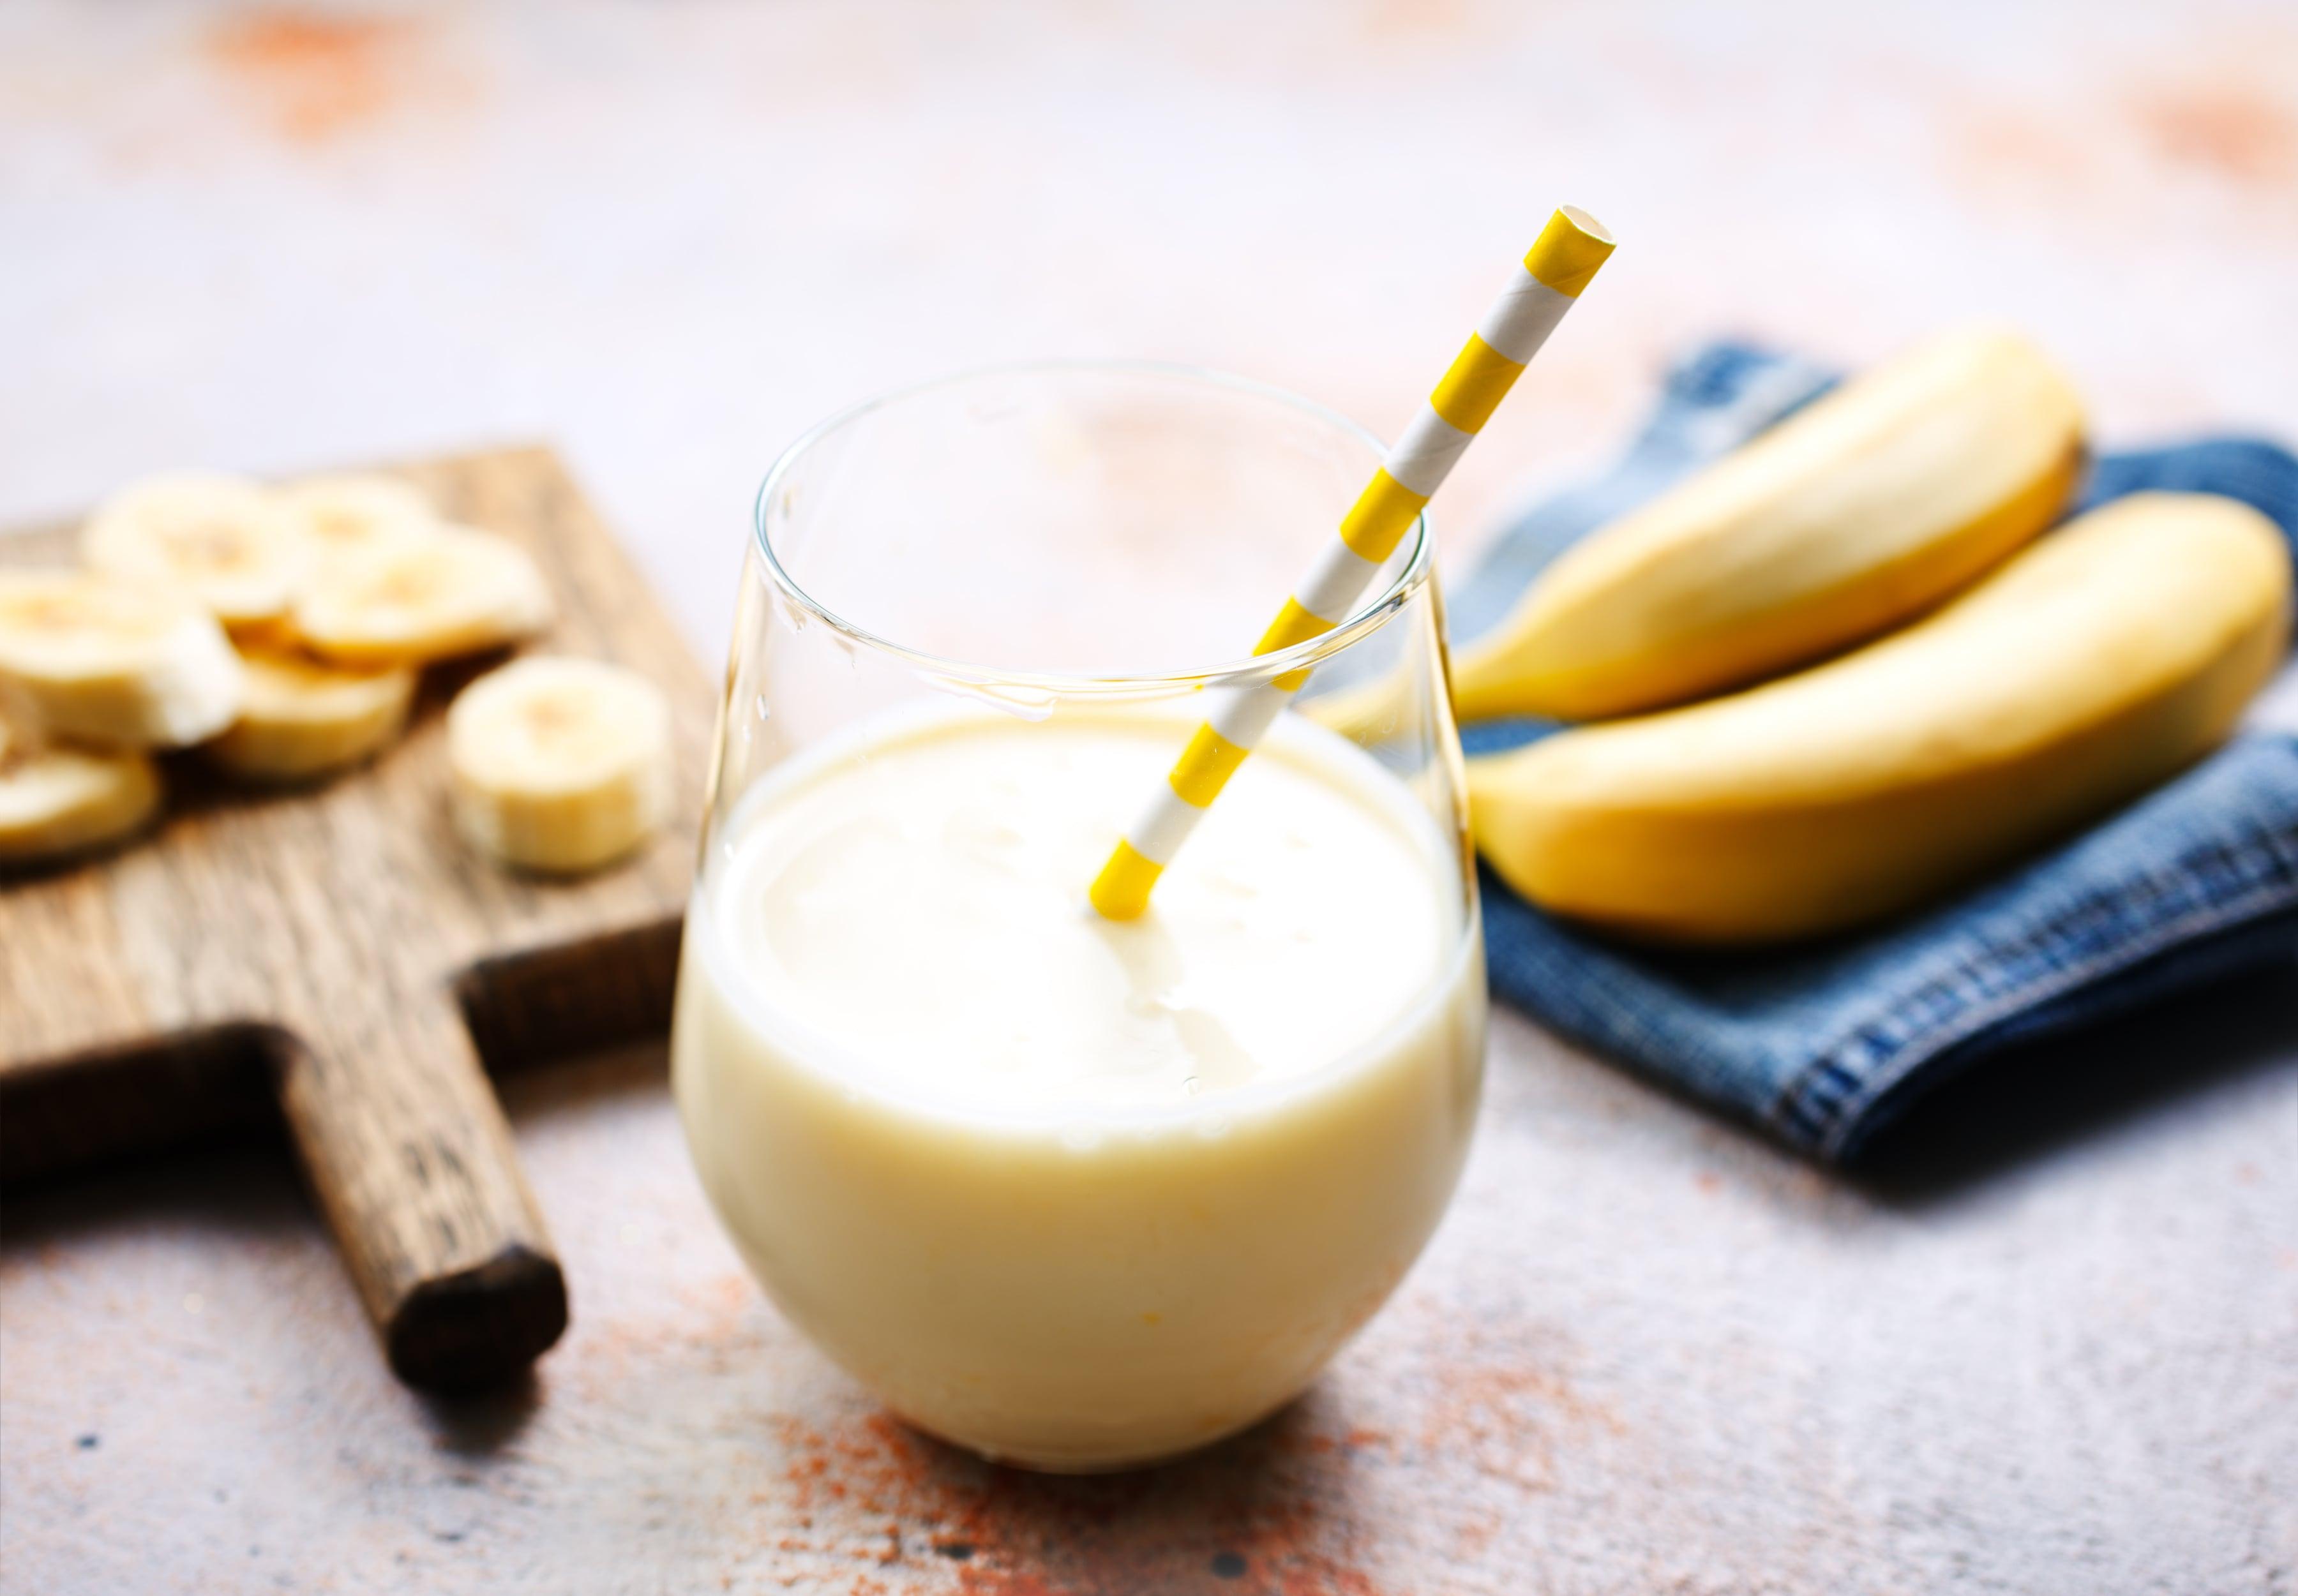 Бананы польза и вред для организма. Бананы при похудении